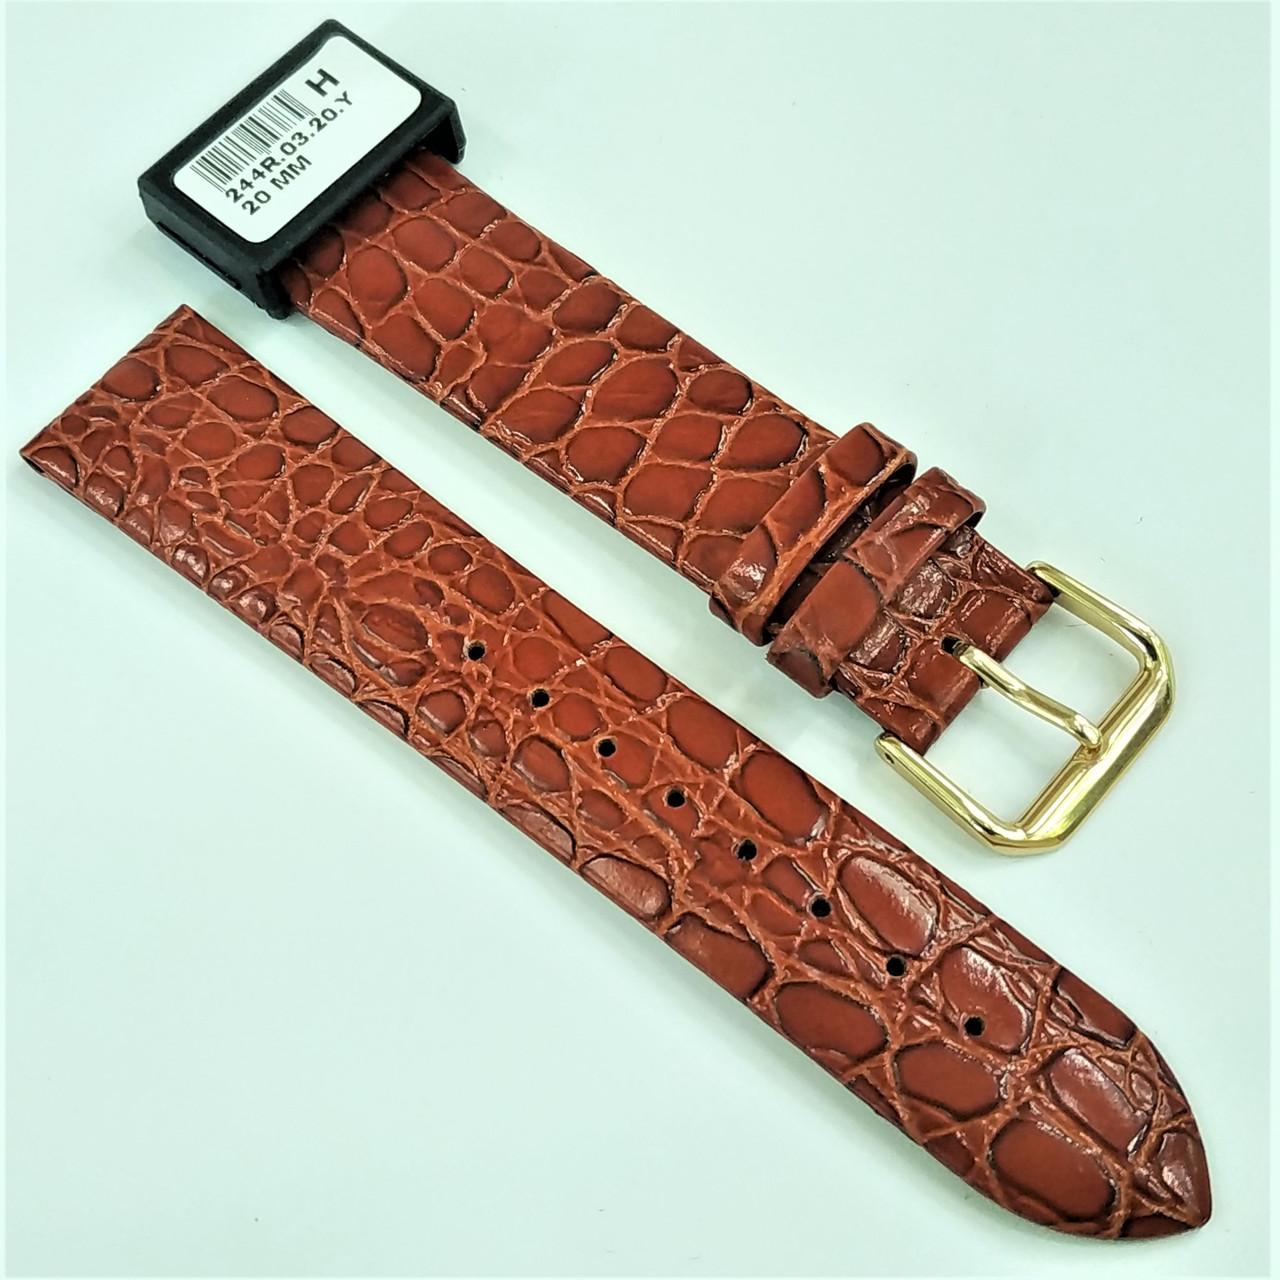 20 мм Кожаный Ремешок для часов CONDOR 244.20.03 Коричневый Ремешок на часы из Натуральной кожи